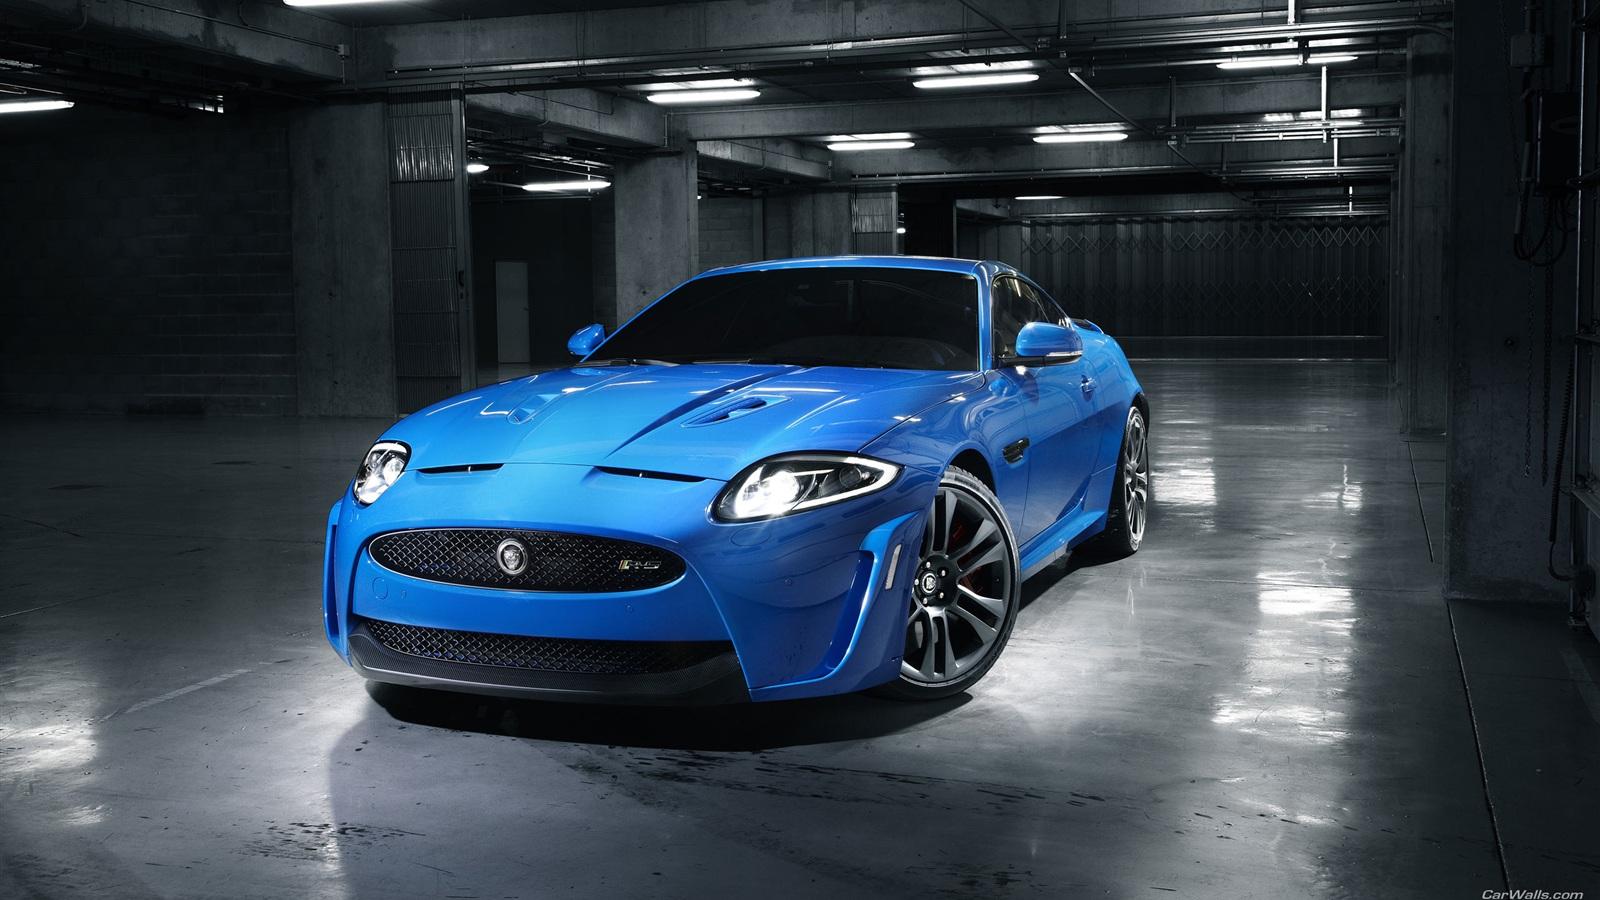 1600x900 HD Wallpaper Jaguar Blue Car